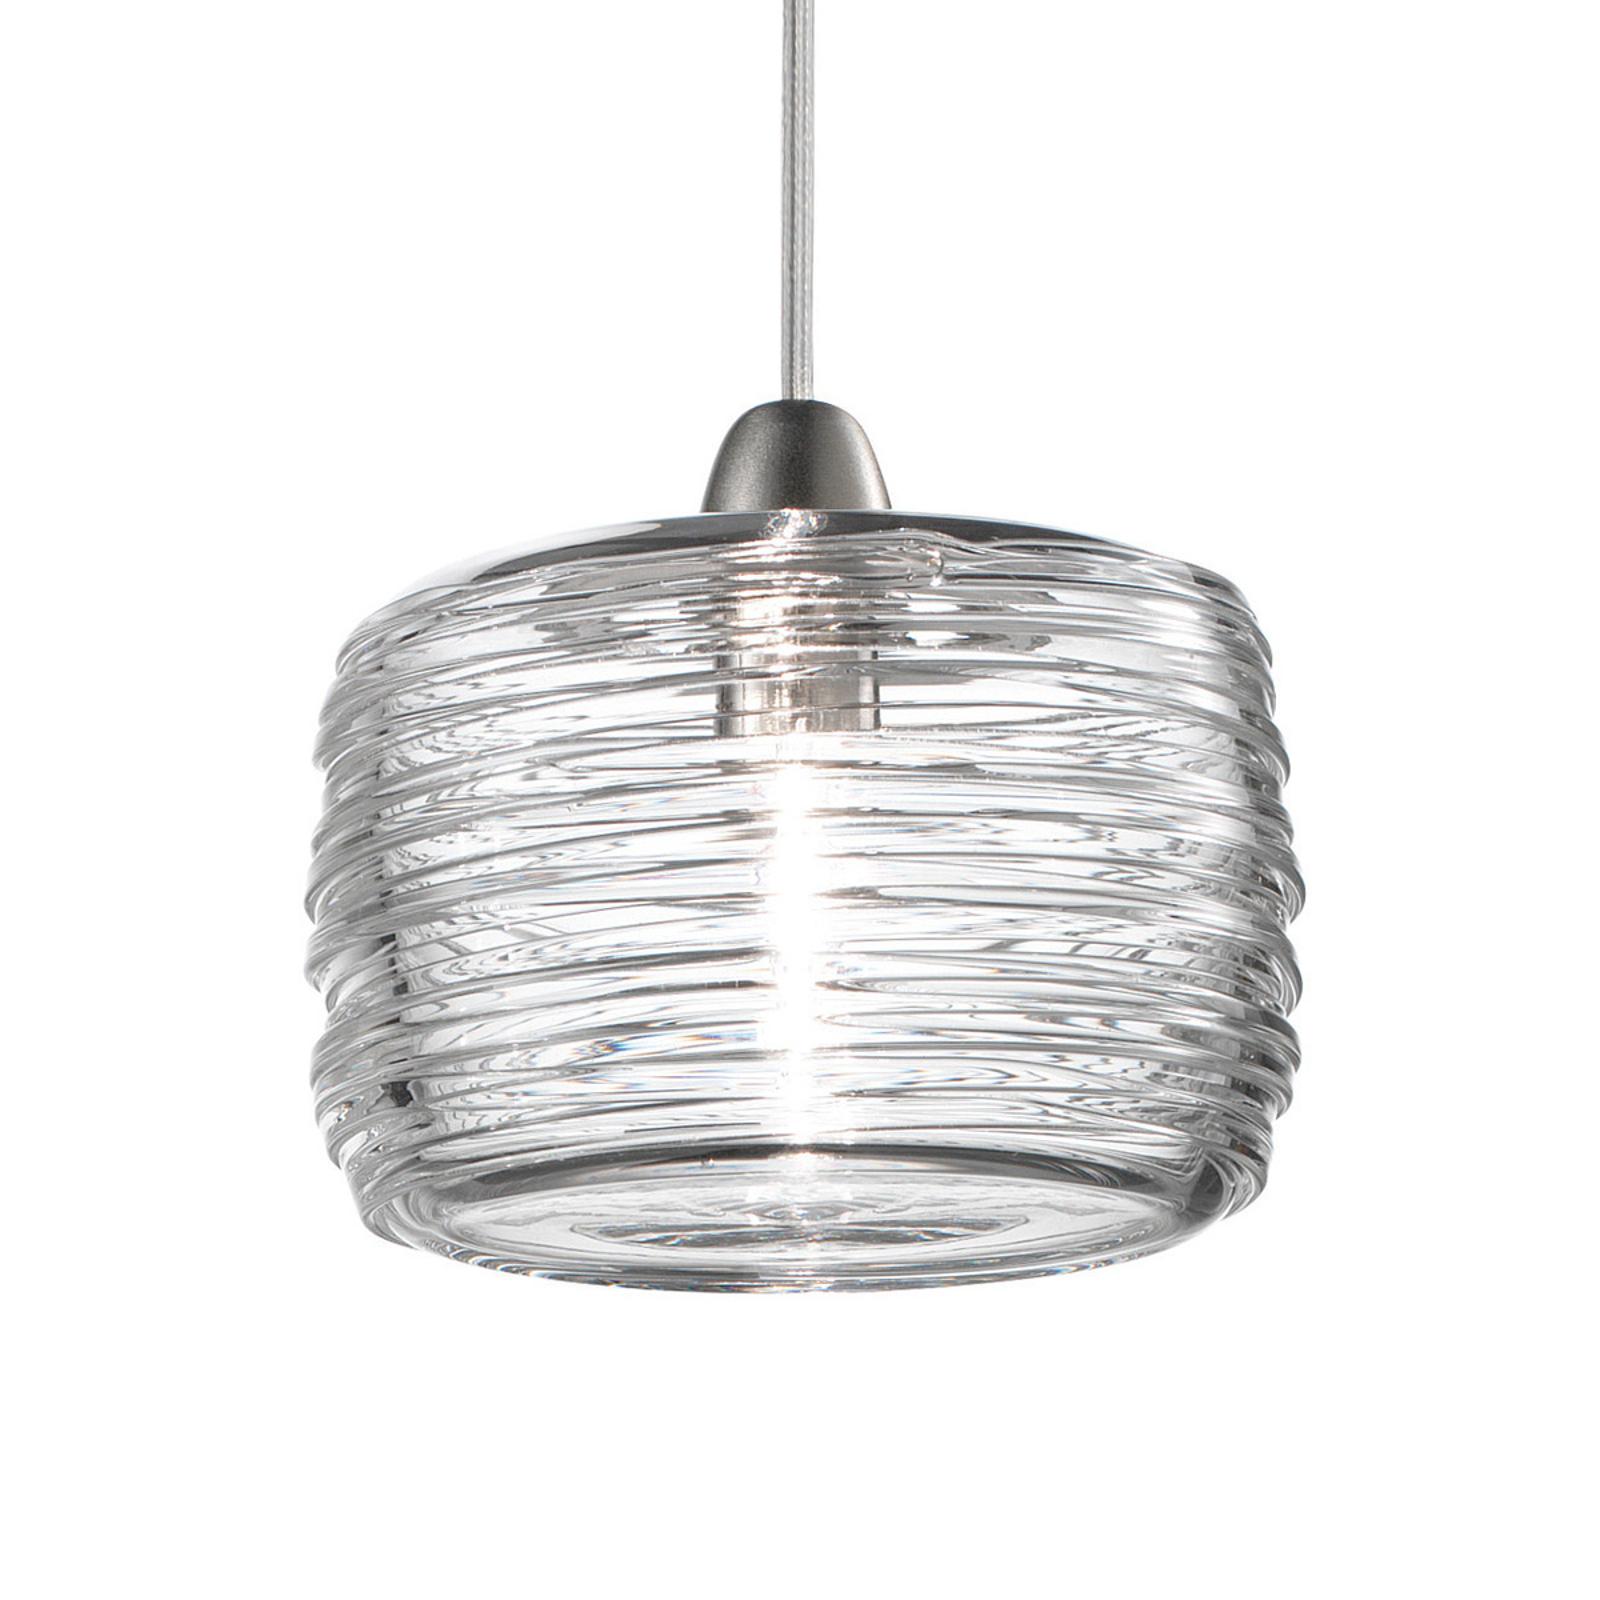 Lampa wisząca LED Damasco przezroczysta Ø 12 cm